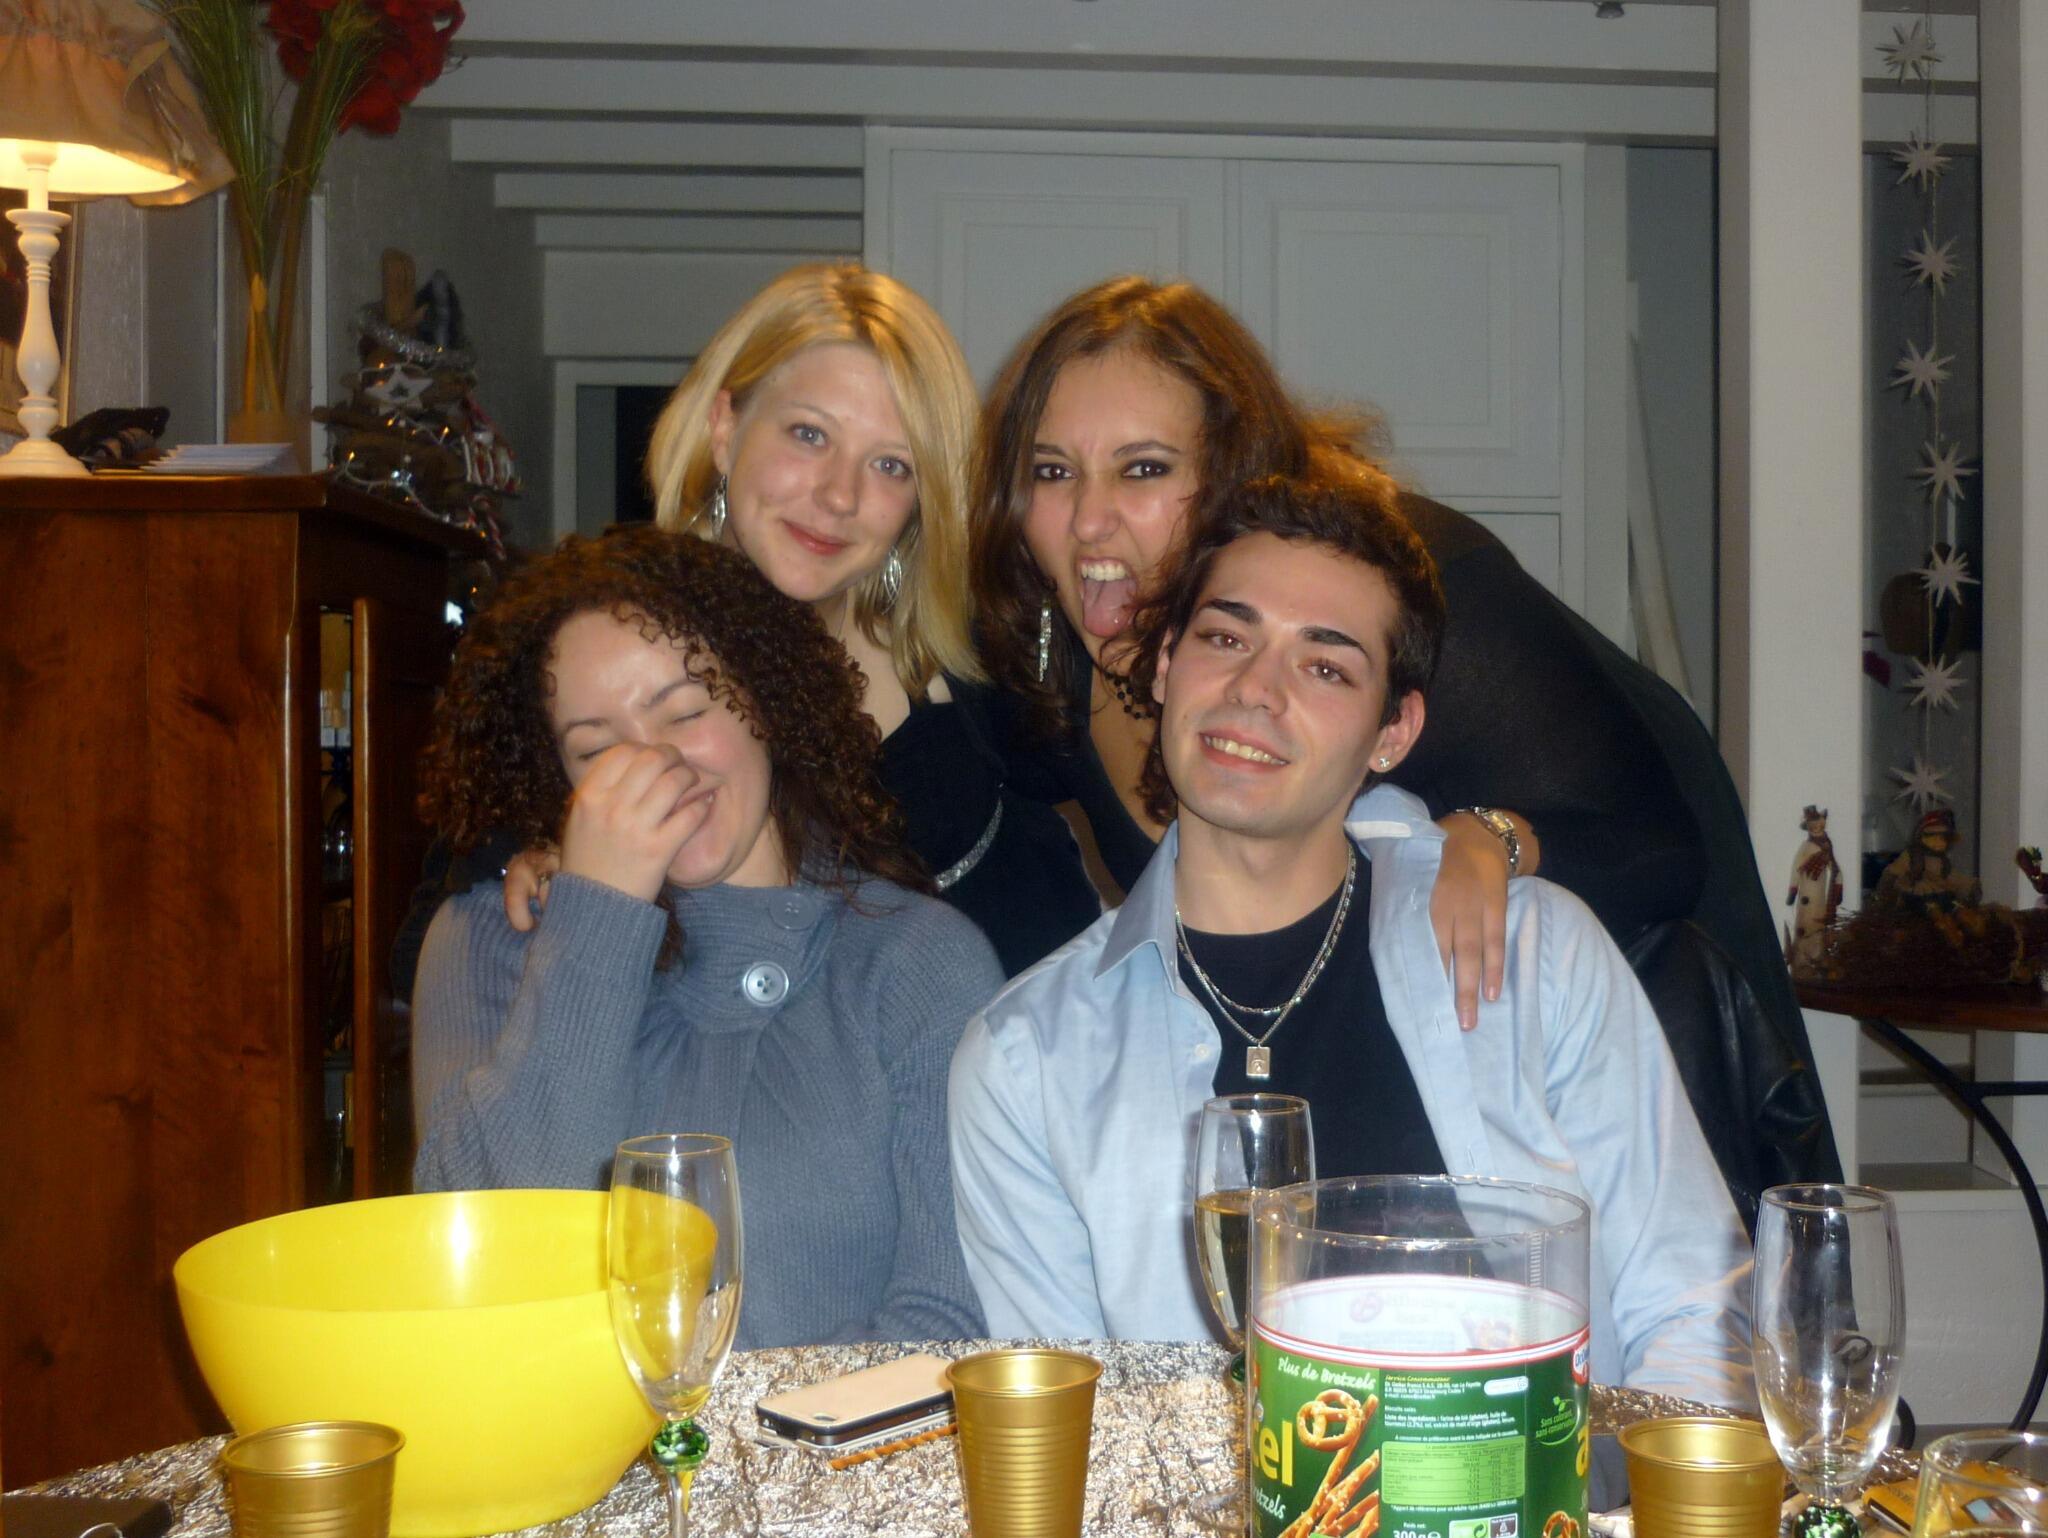 Avec ma petite famille; ma femme Laurent, notre fille Leïla et notre squatteur Thom on vous souhaite une bonne année http://t.co/ZYkDwV35jC